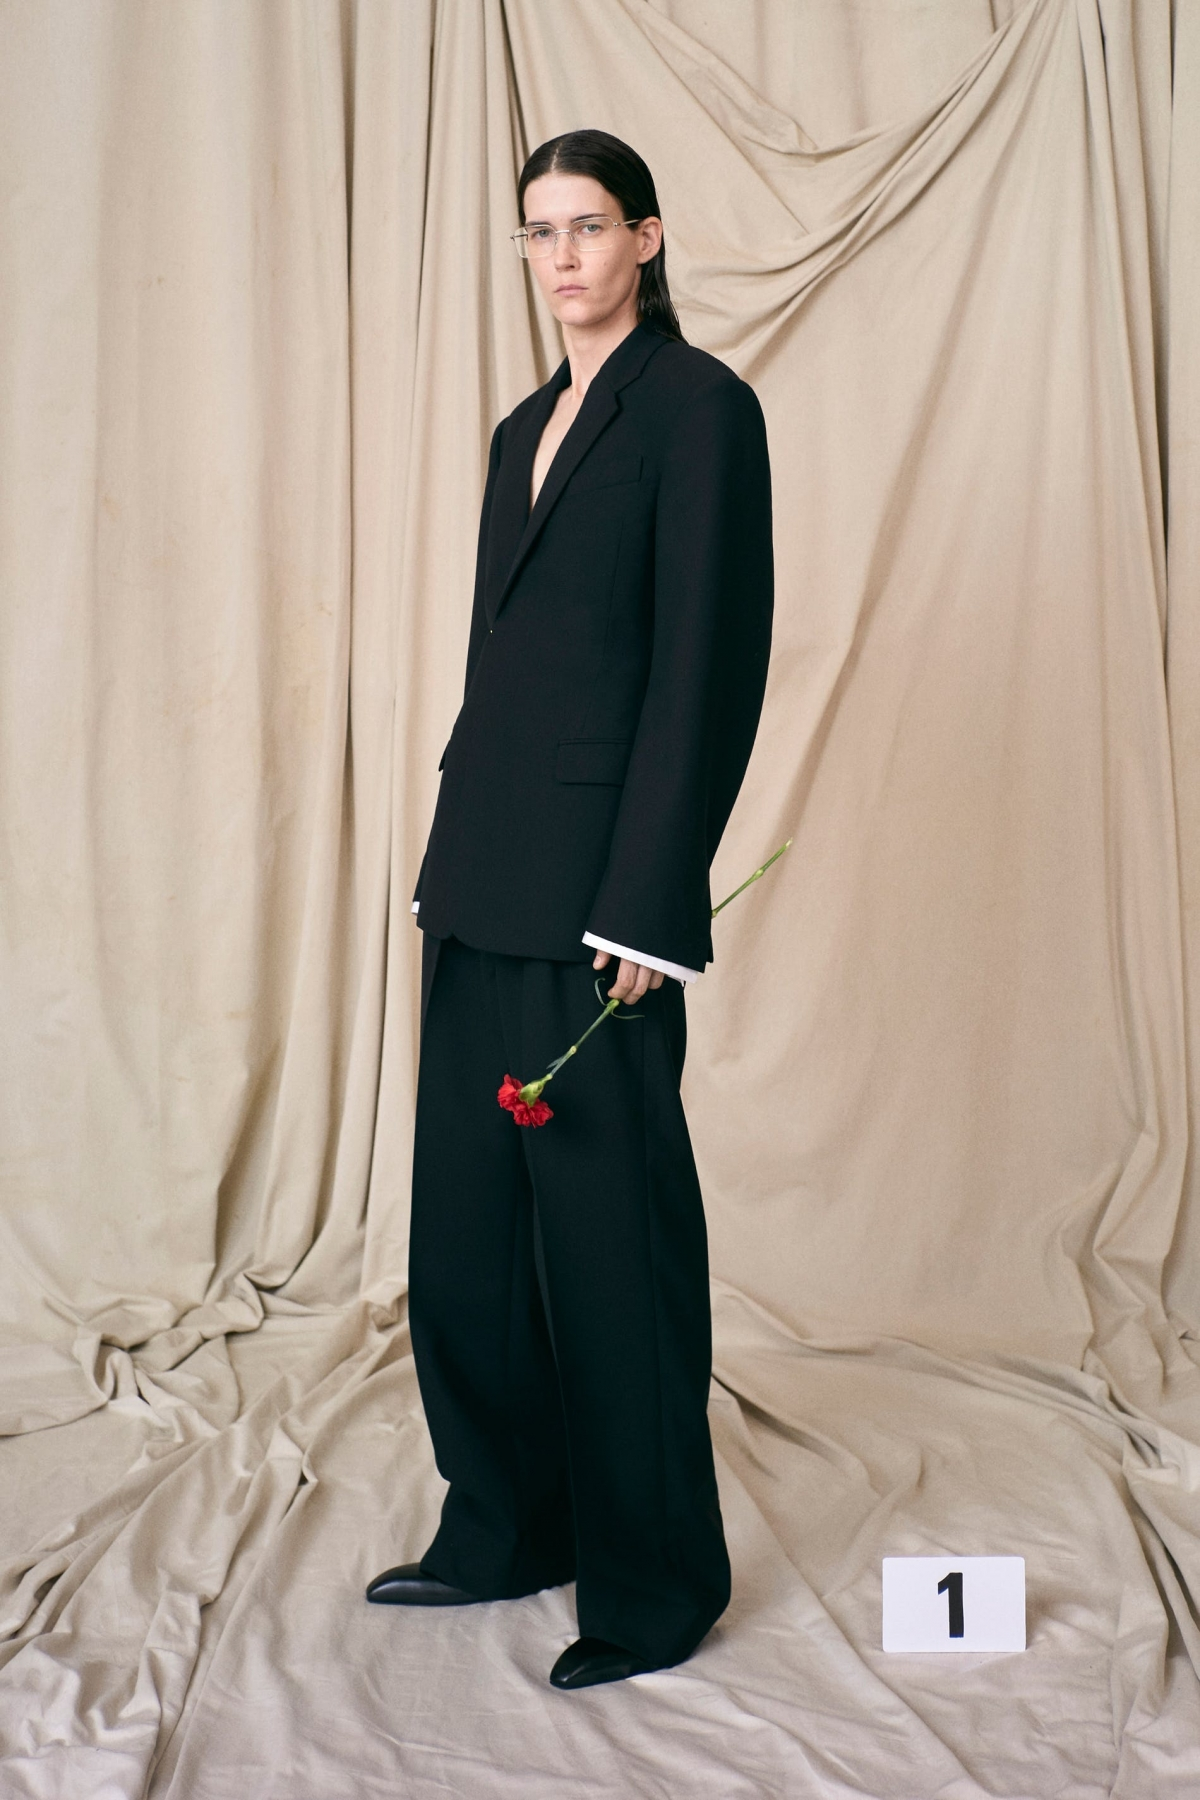 Balenciaga trở lại dòng thời trang cao cấp sau hơn 50 năm vắng bóng.